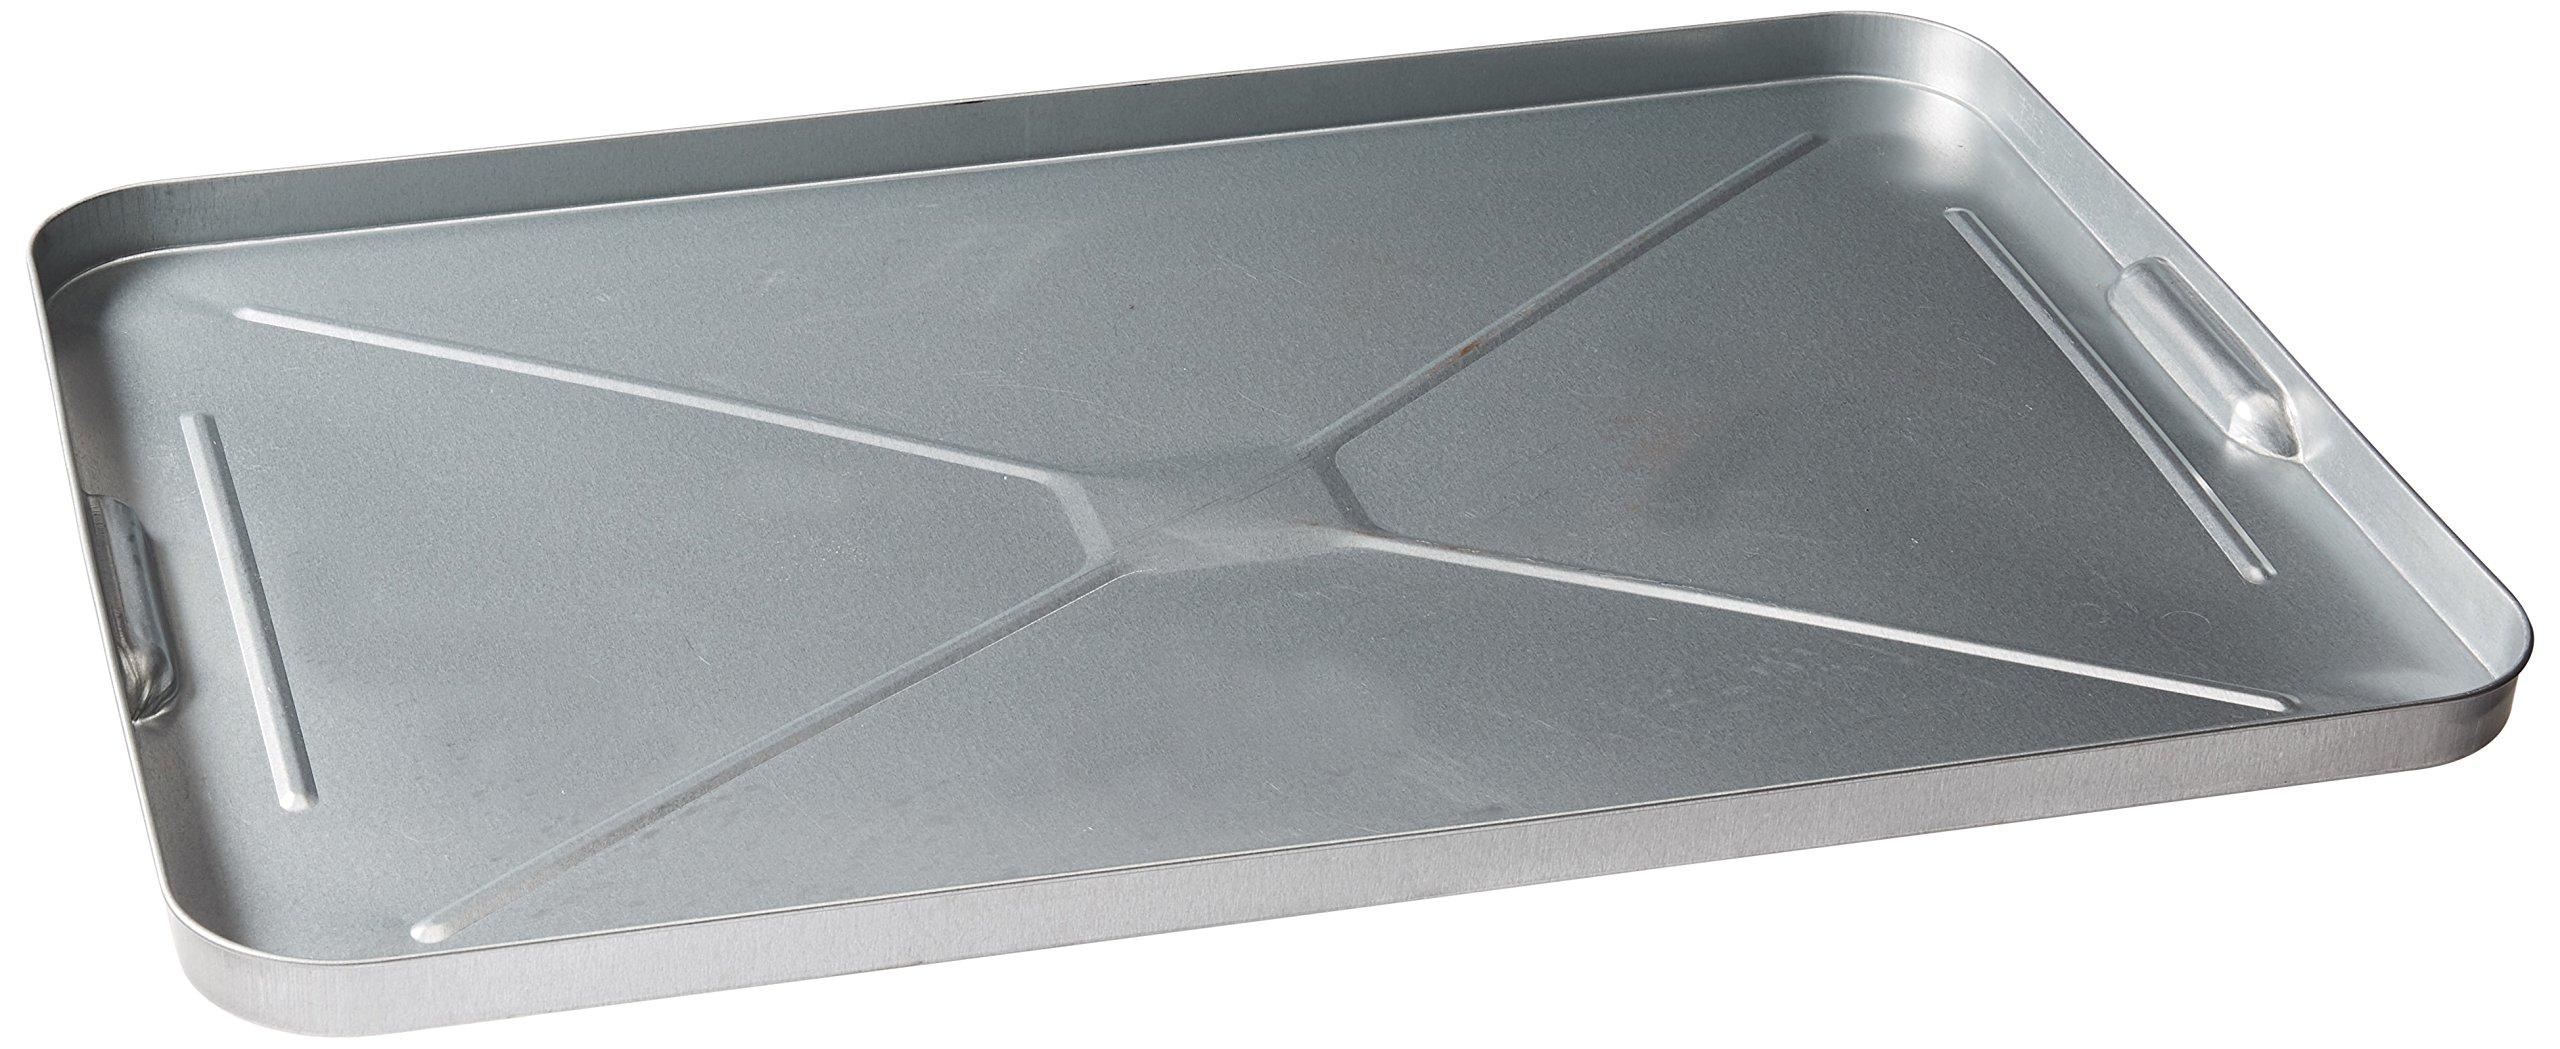 Plews 75 755 Galvanized Drip Pan 689991249652 Ebay